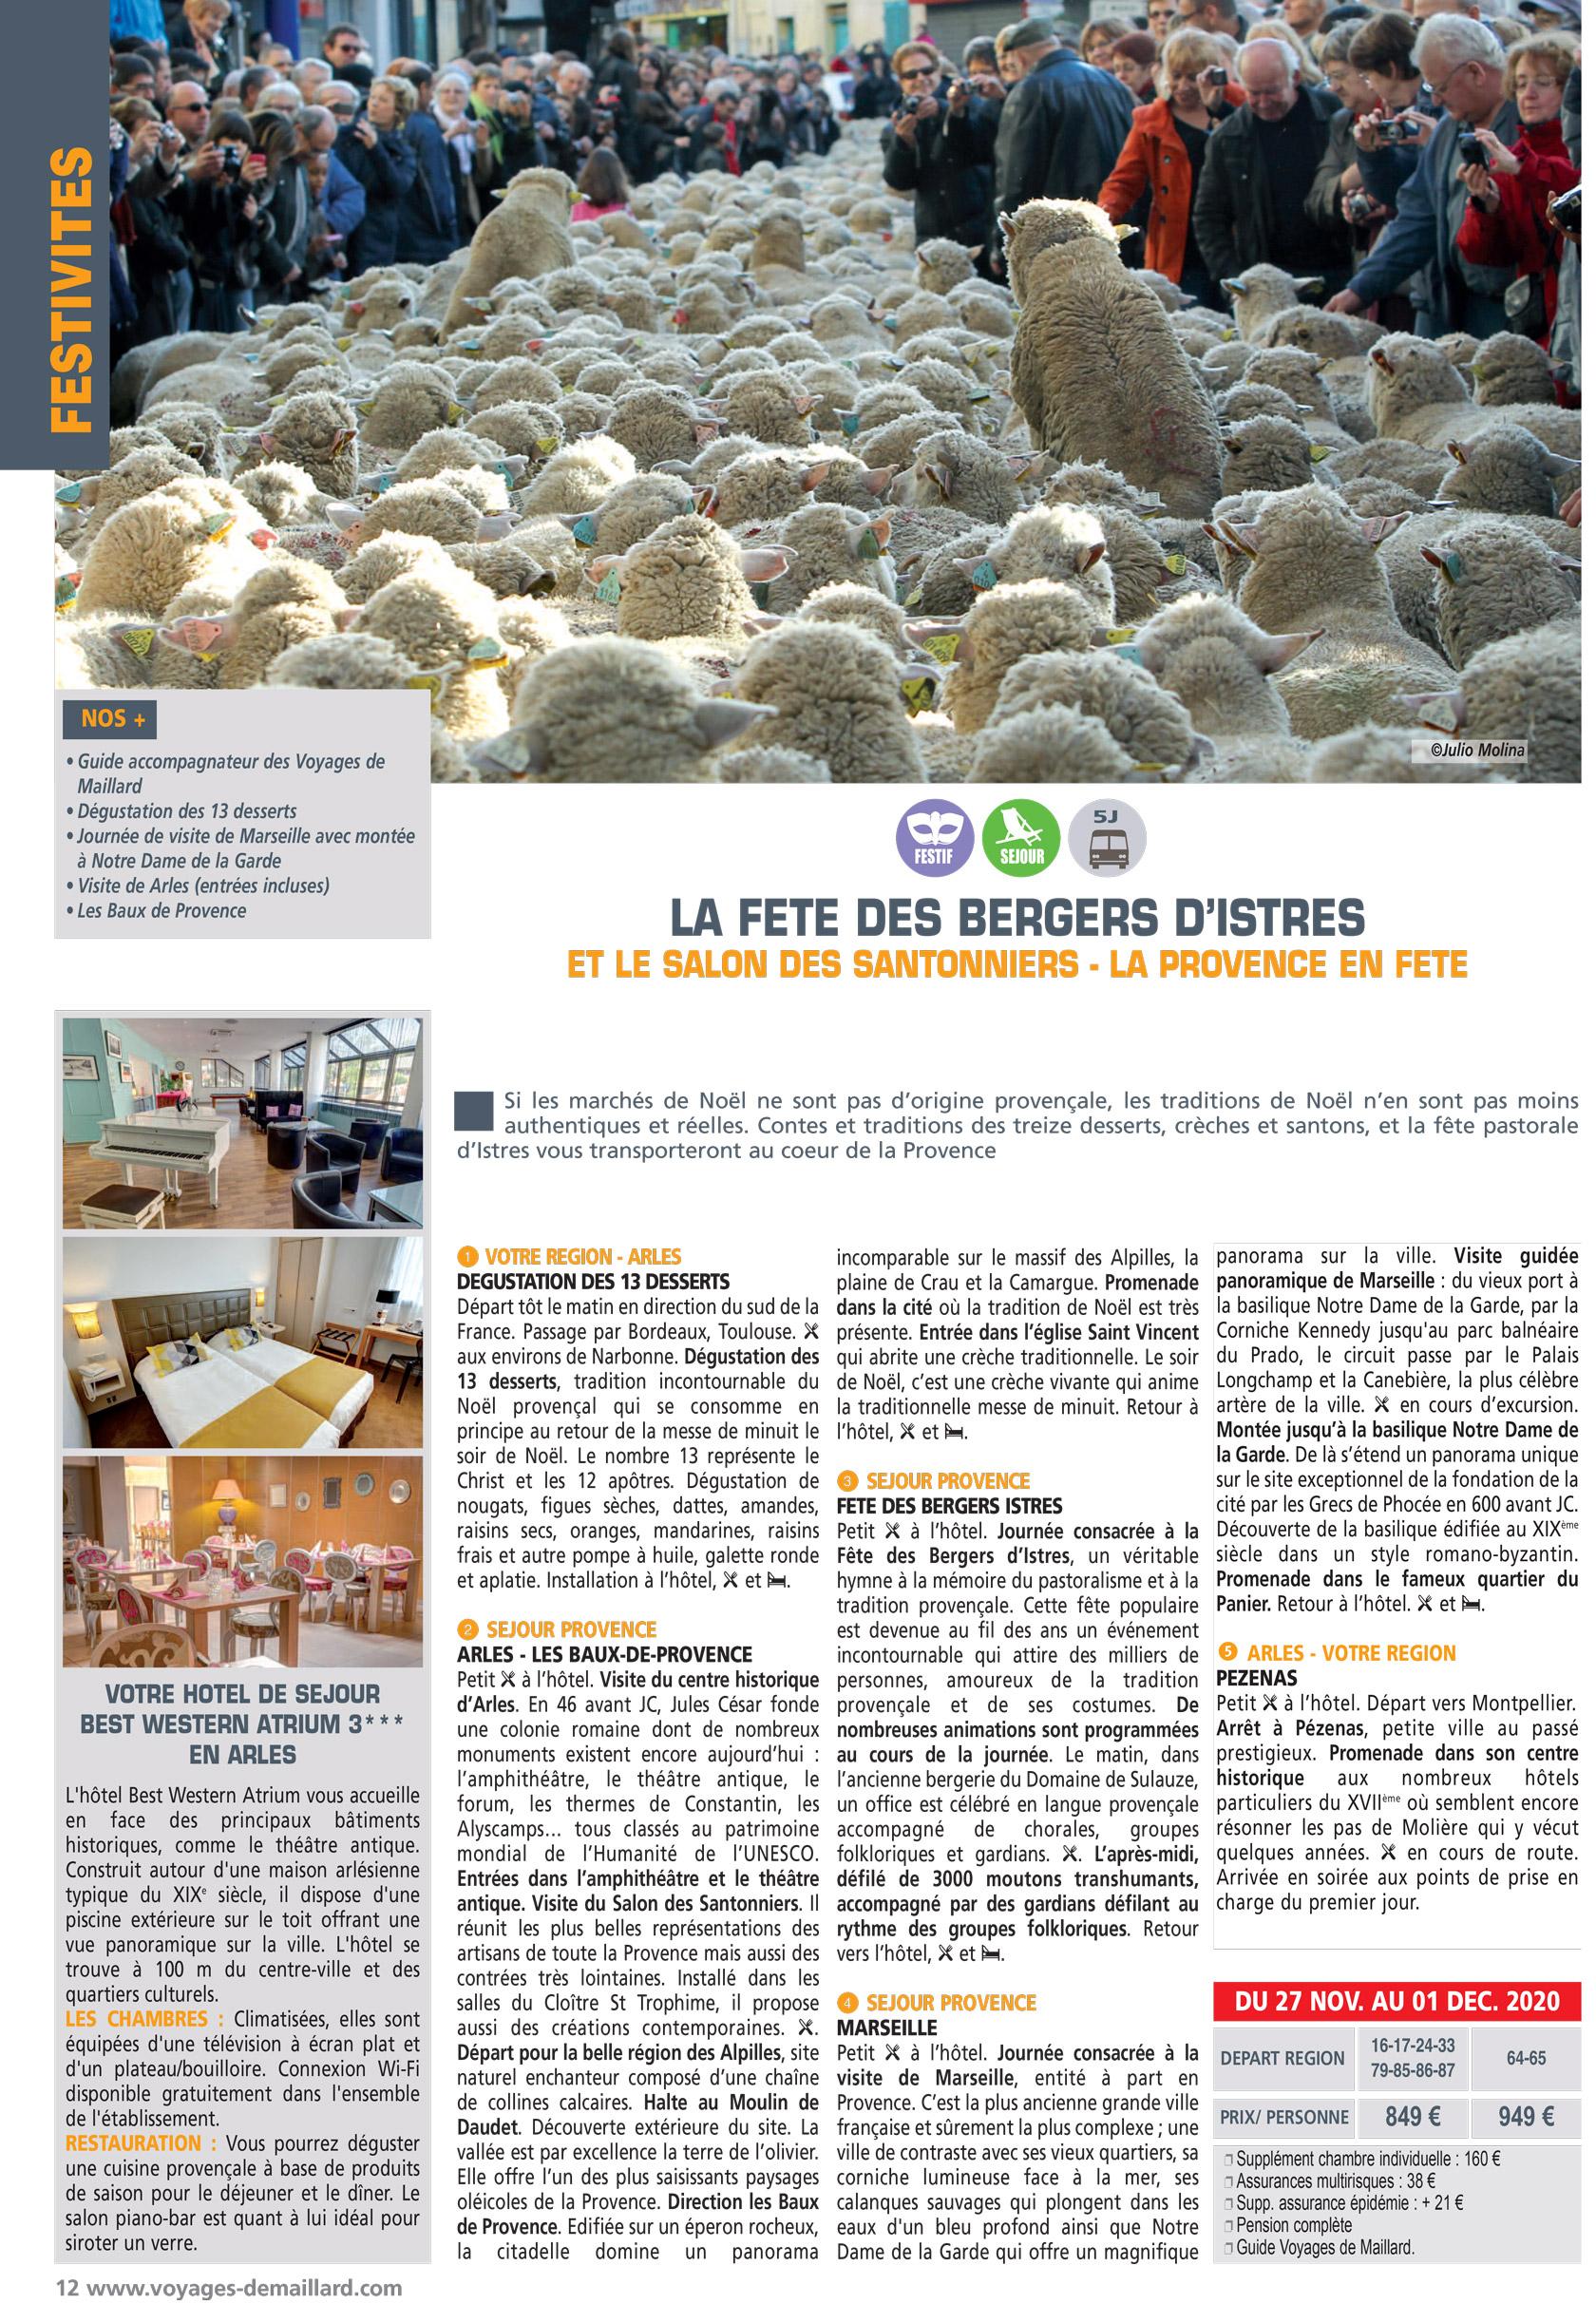 LA FETE DES BERGERS D'ISTRES